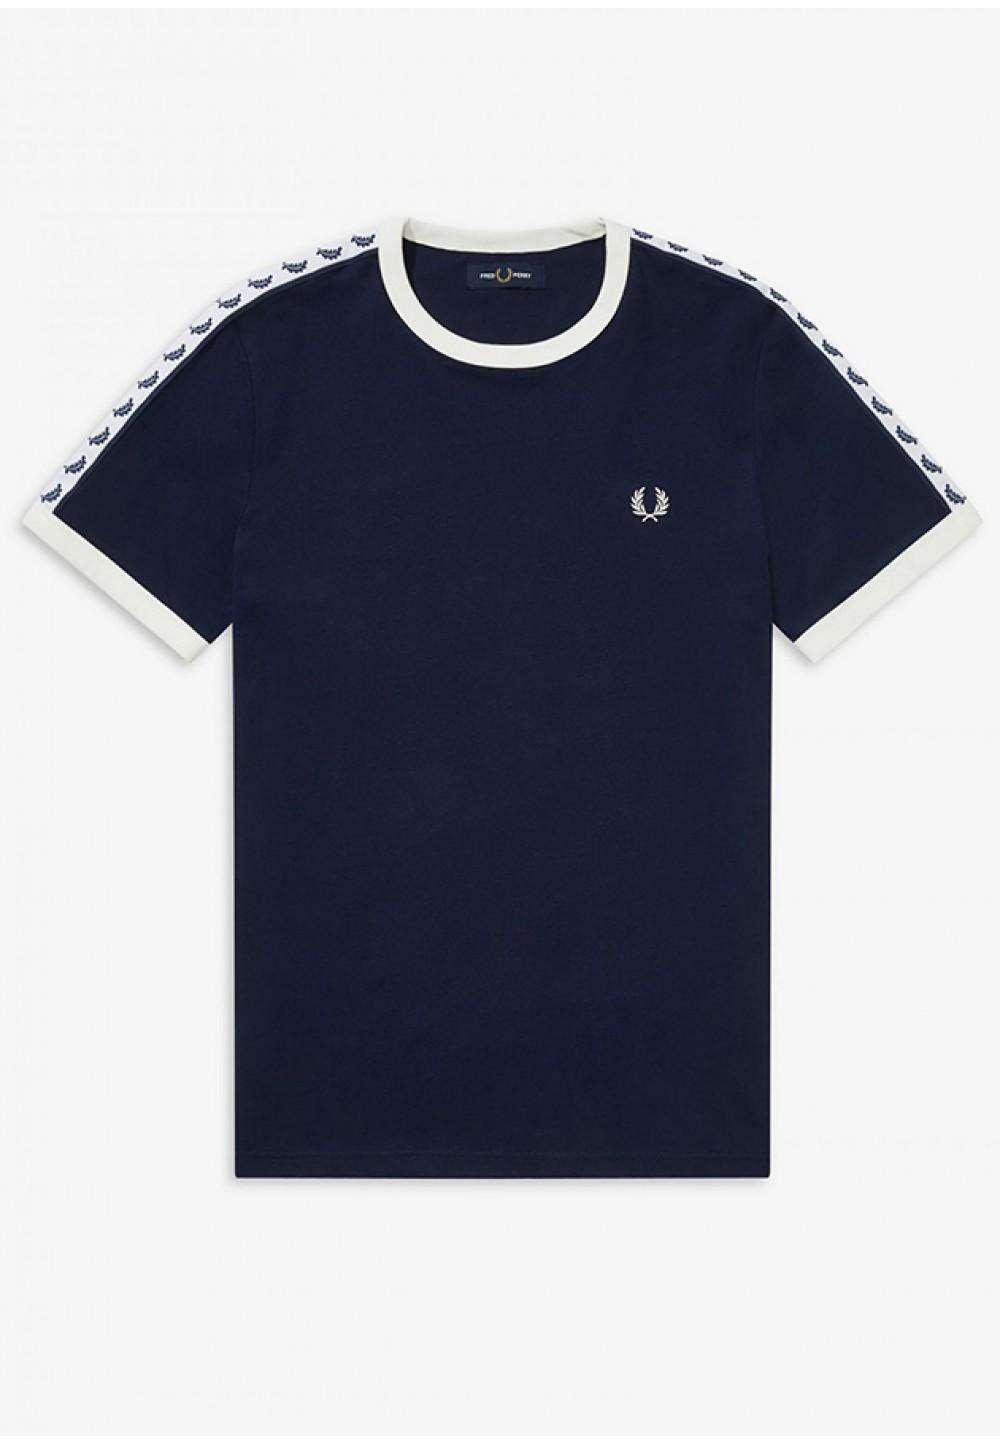 Синяя футболка с белыми вставками